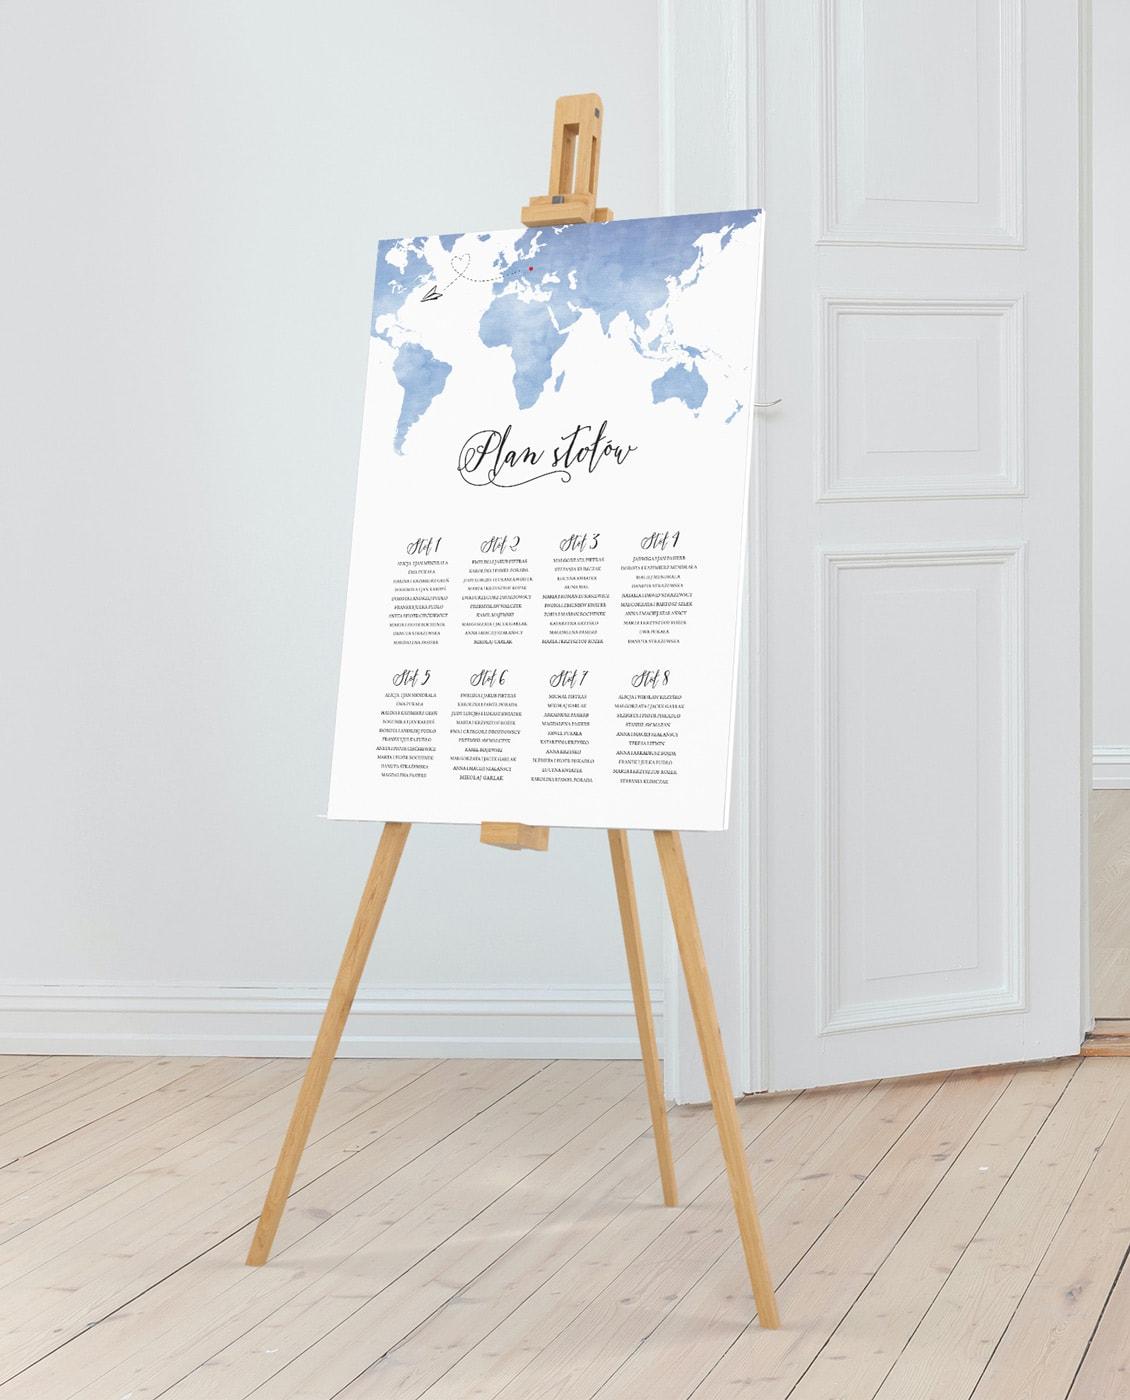 plan usadzenia gości w podróżniczym stylu, morski kolor mapy i kaligraficzna czcionka